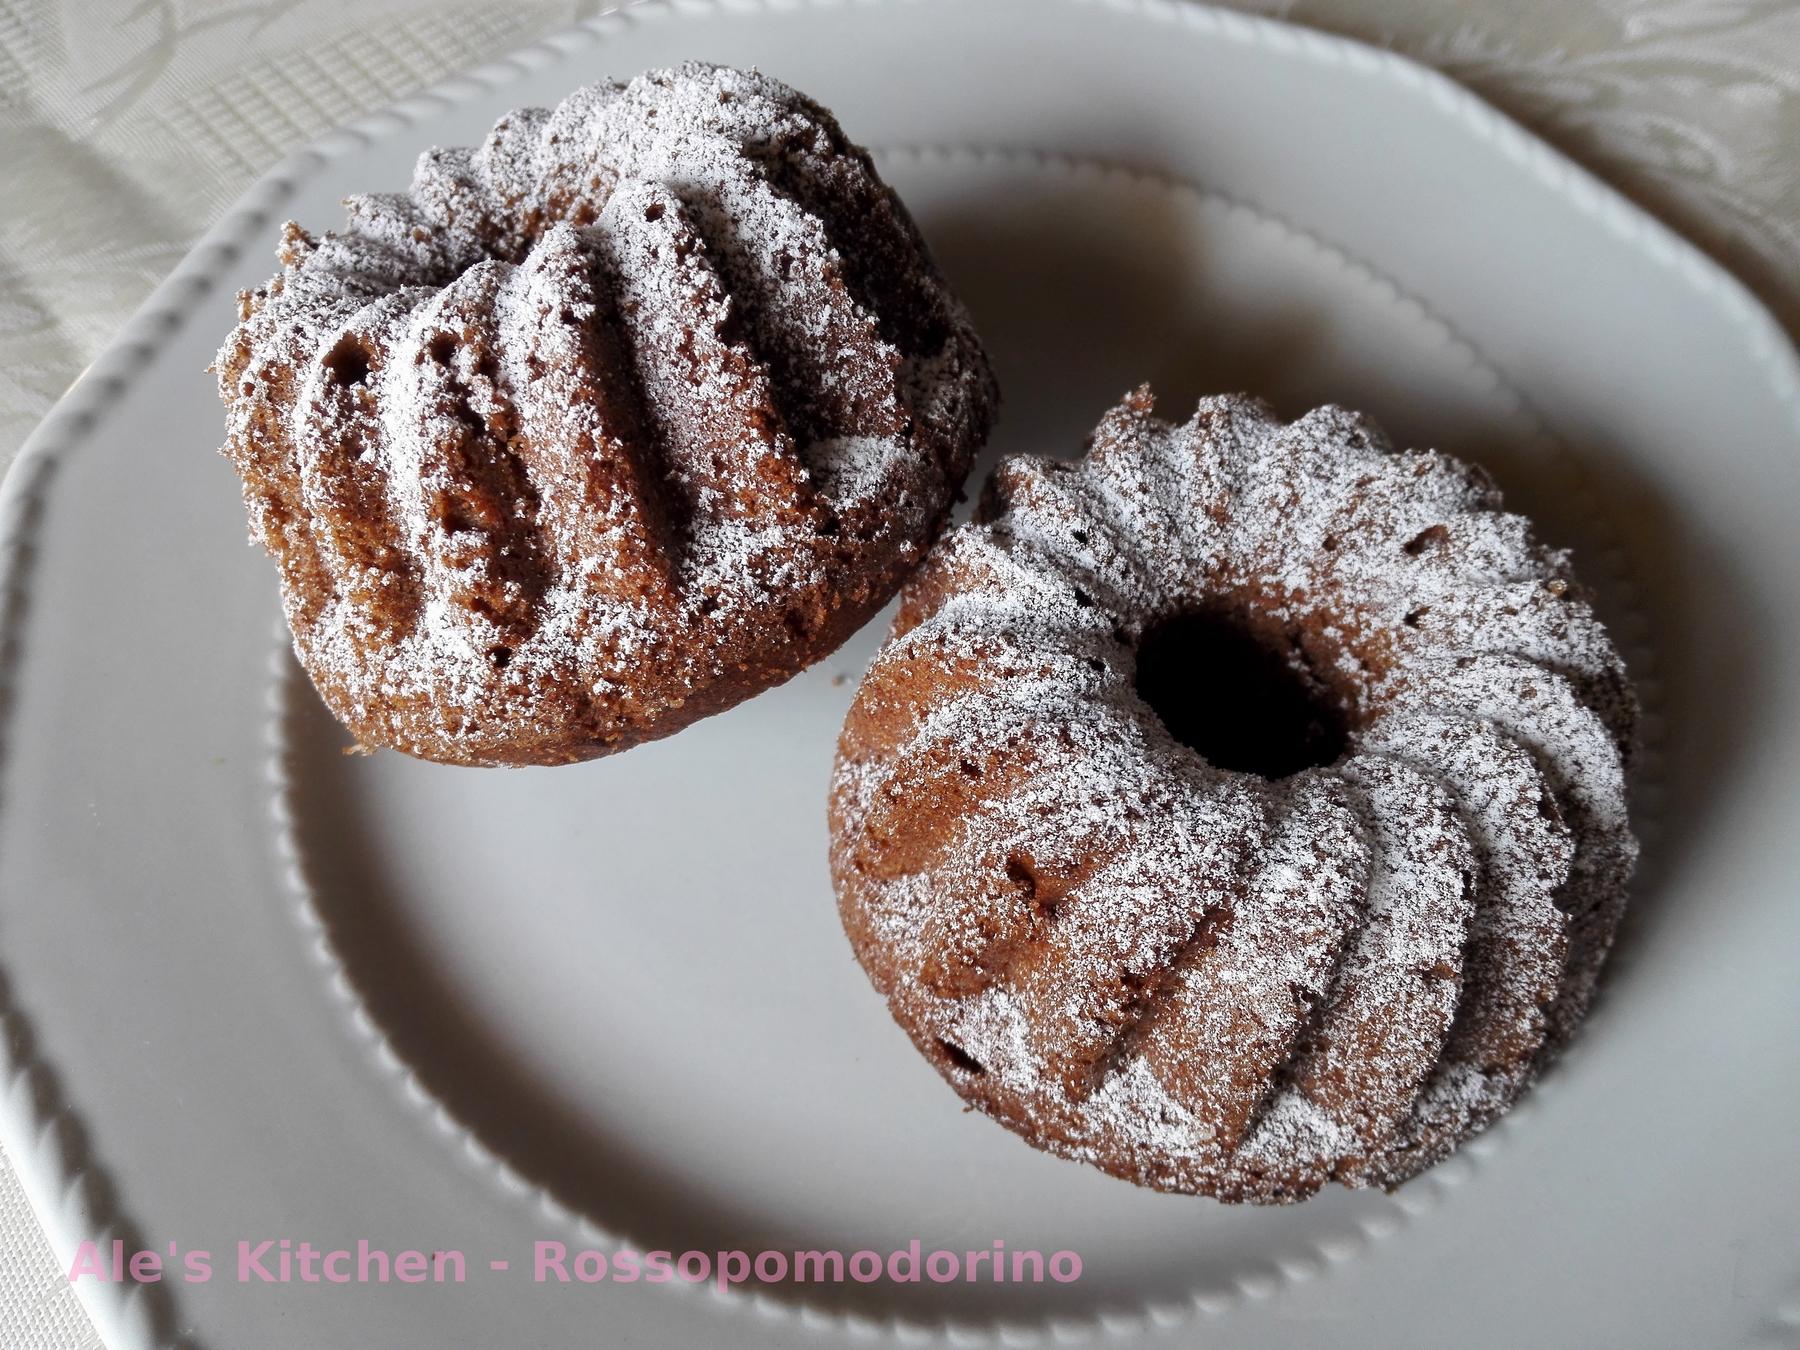 Dolci monoporzione al cioccolato con ripieno al cocco | Ricetta dolce